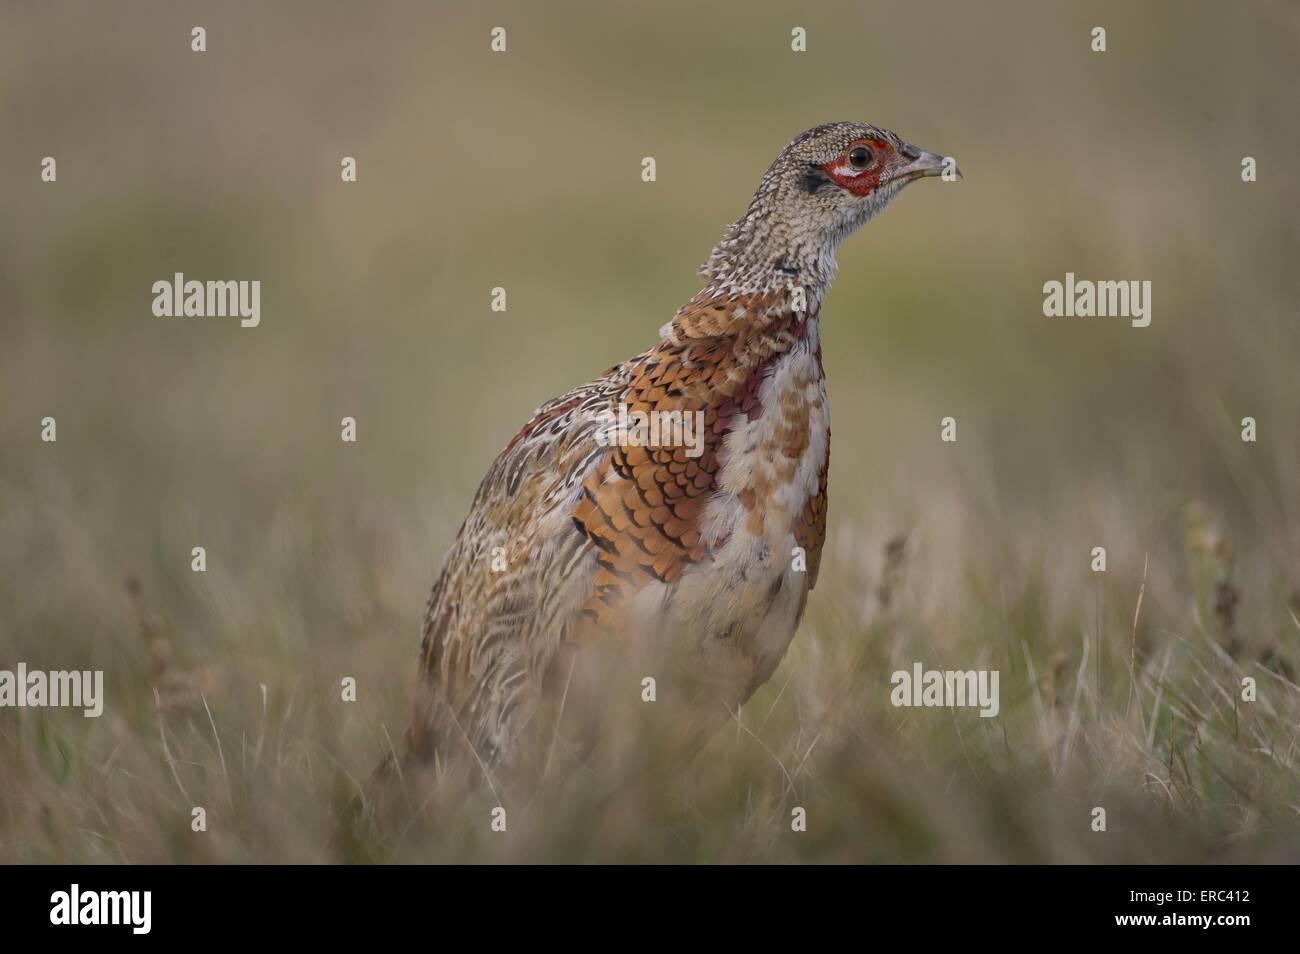 common pheasant - Stock Image